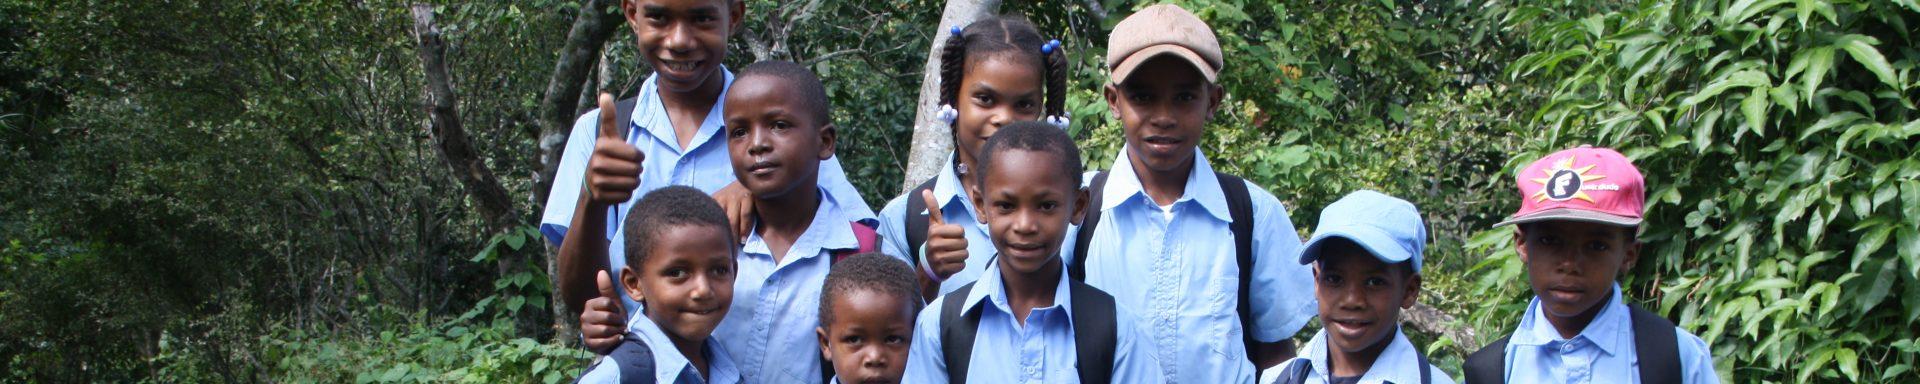 Kinderen op weg naar school in Tanzania